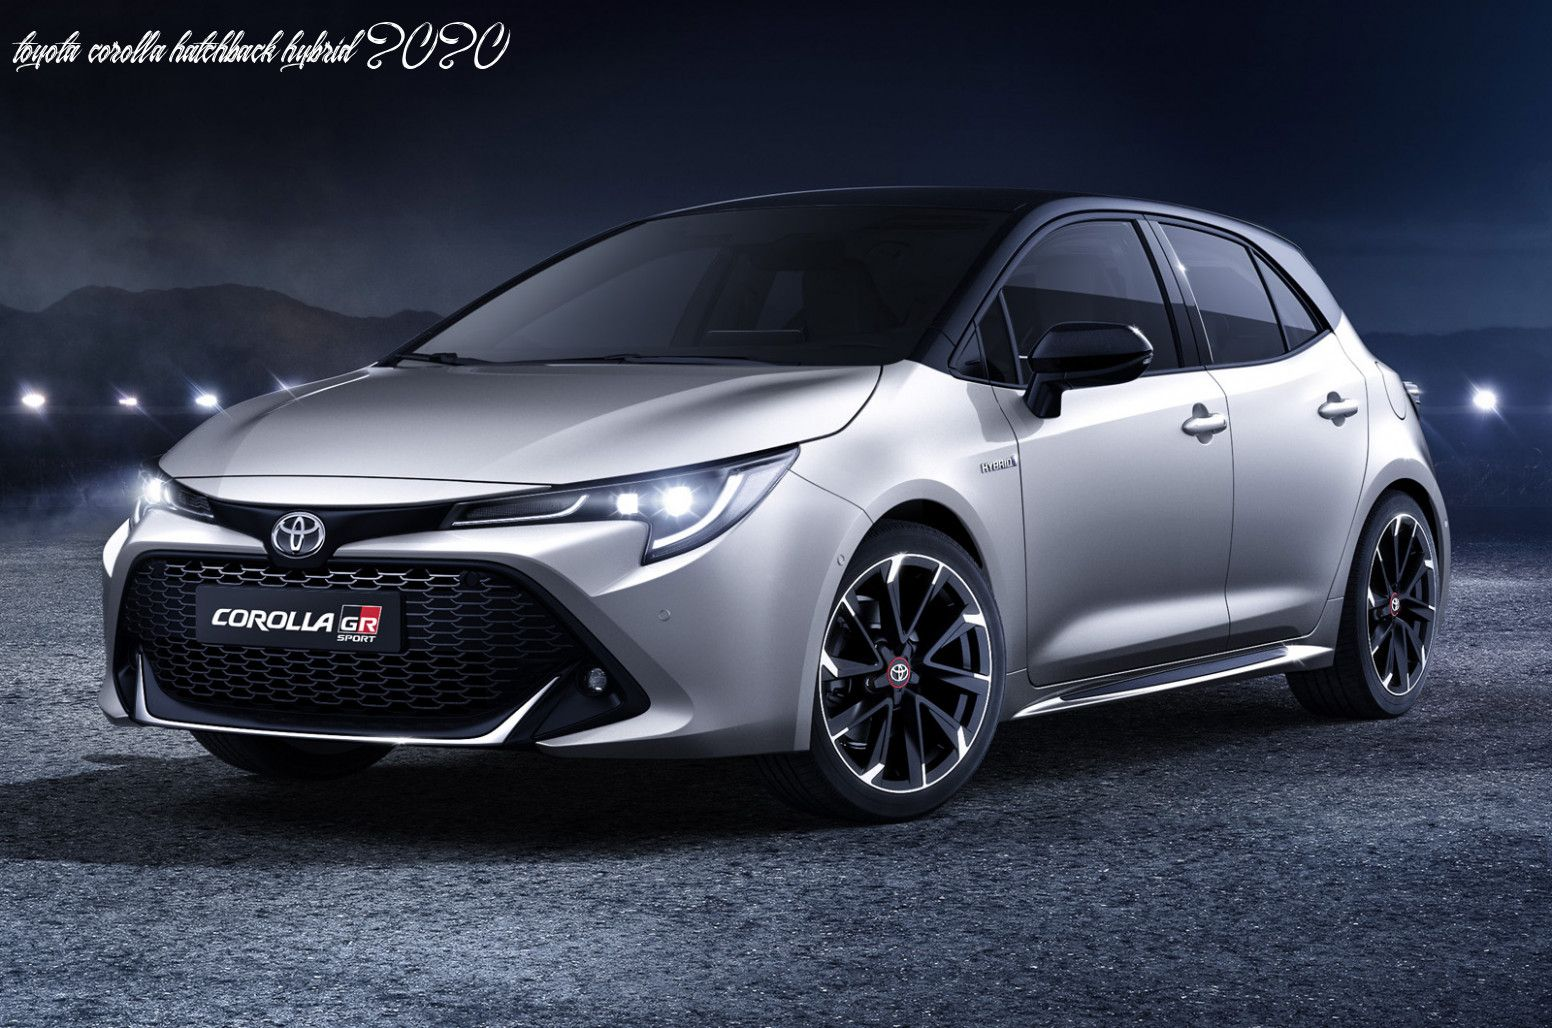 Toyota Corolla Hatchback Hybrid 2020 In 2020 Toyota Corolla Toyota Avensis Corolla Hatchback